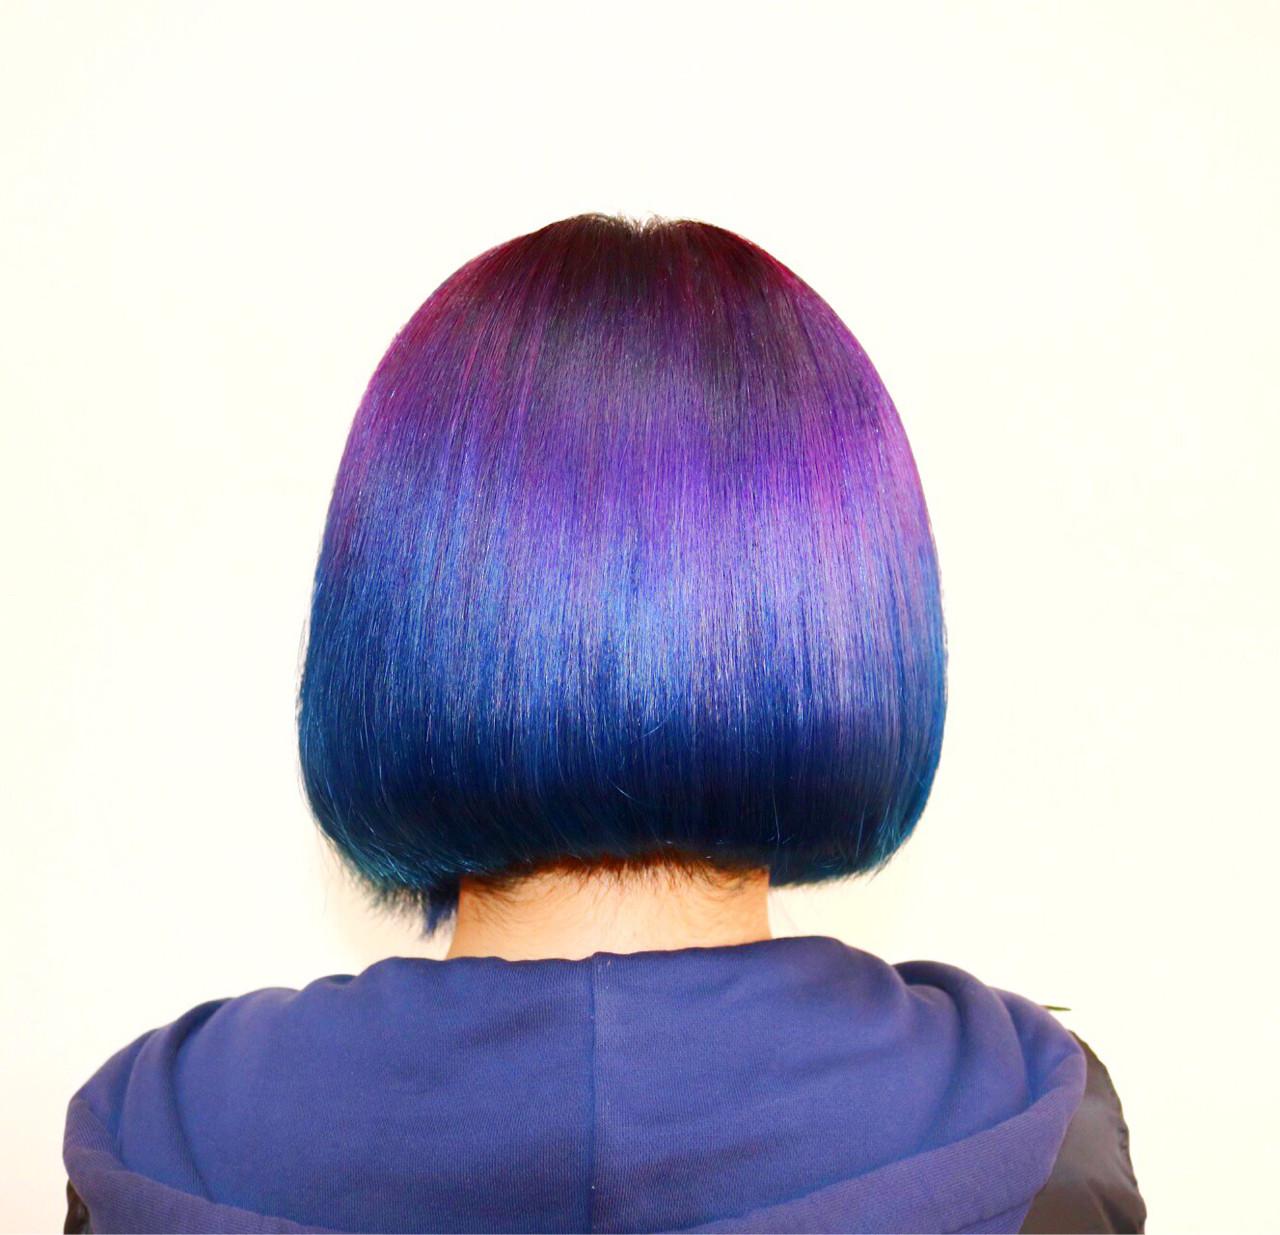 ダブルカラー ハイトーン モード グラデーションカラー ヘアスタイルや髪型の写真・画像